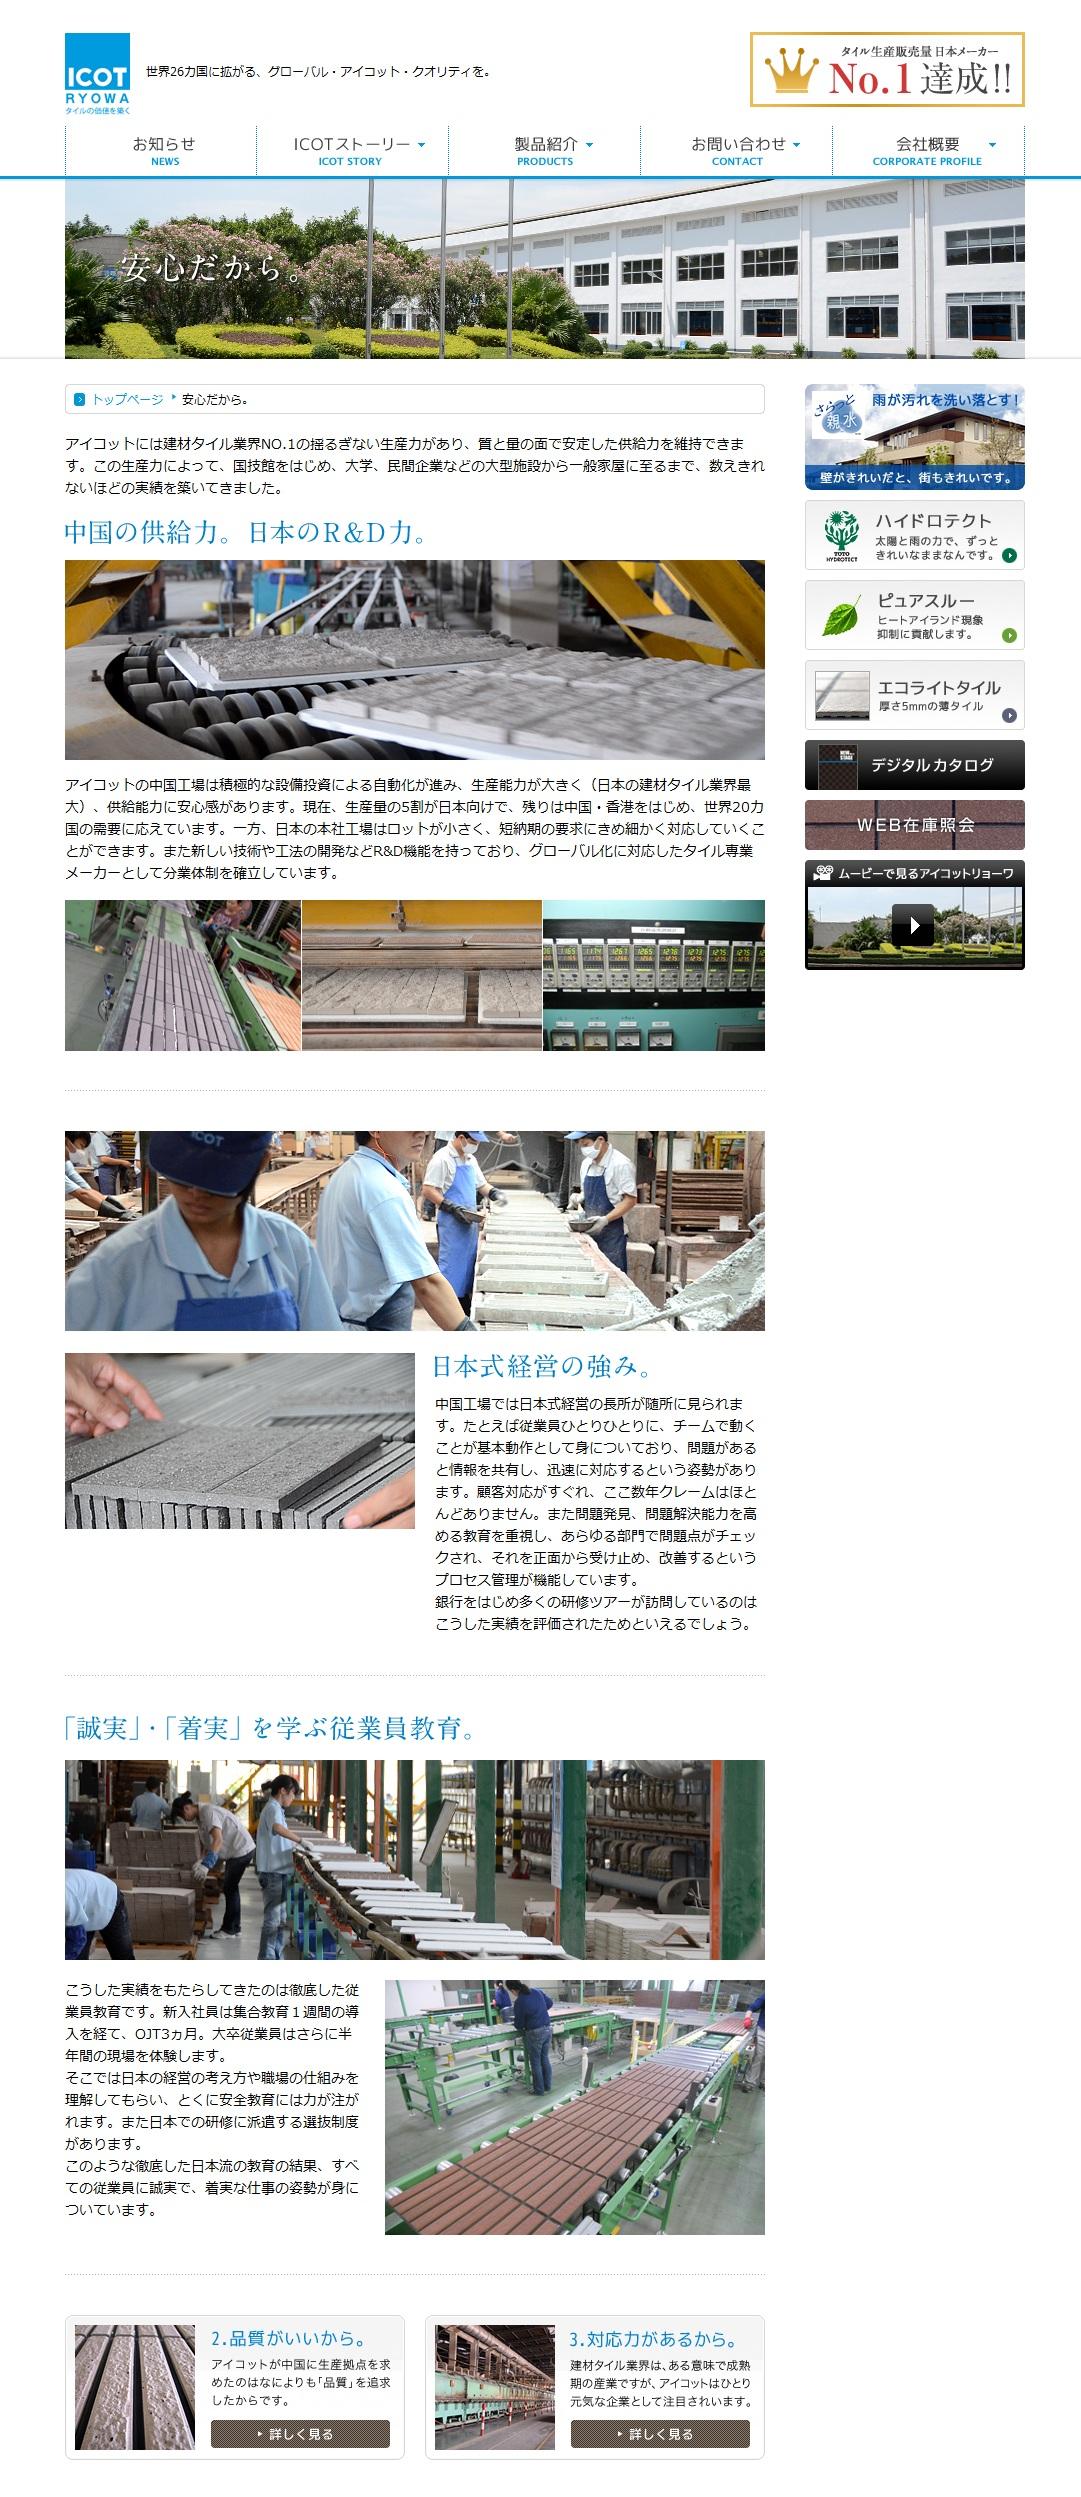 タイル生産販売量日本メーカーNo.1達成。 タイル製造メーカーアイコットリョー ワが「タイルの価値を築く」を新たにタグライン導入し、WEBサイトを 全面リニ ューアルしました。